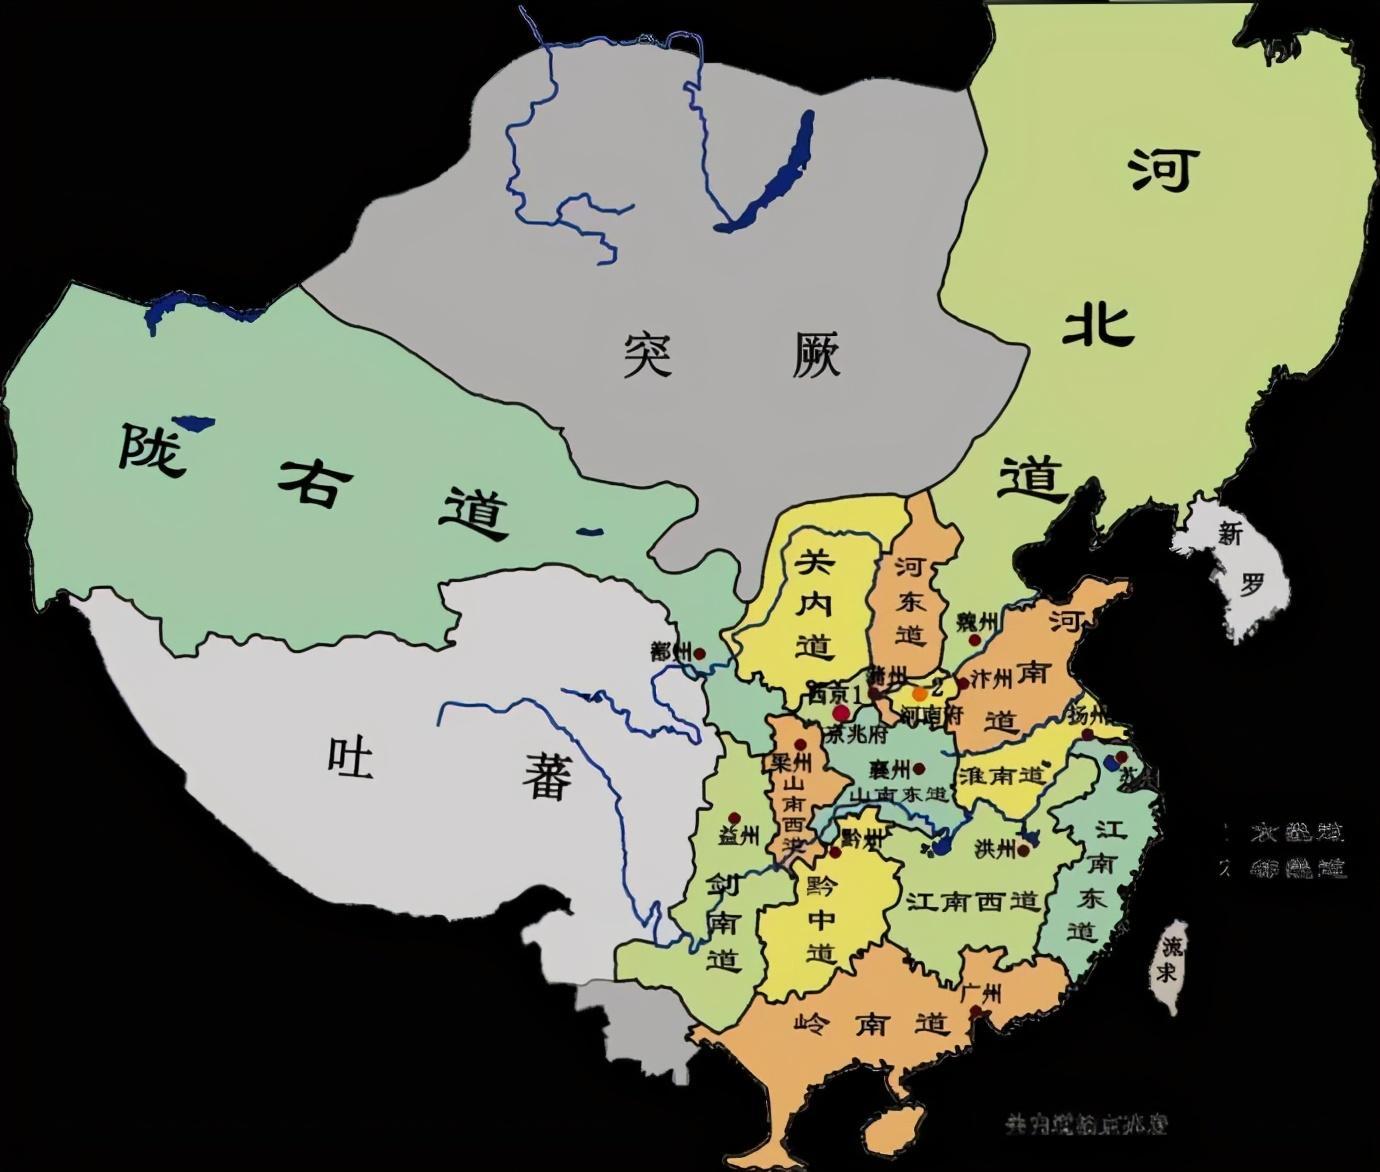 唐朝十五道地图 唐朝十五